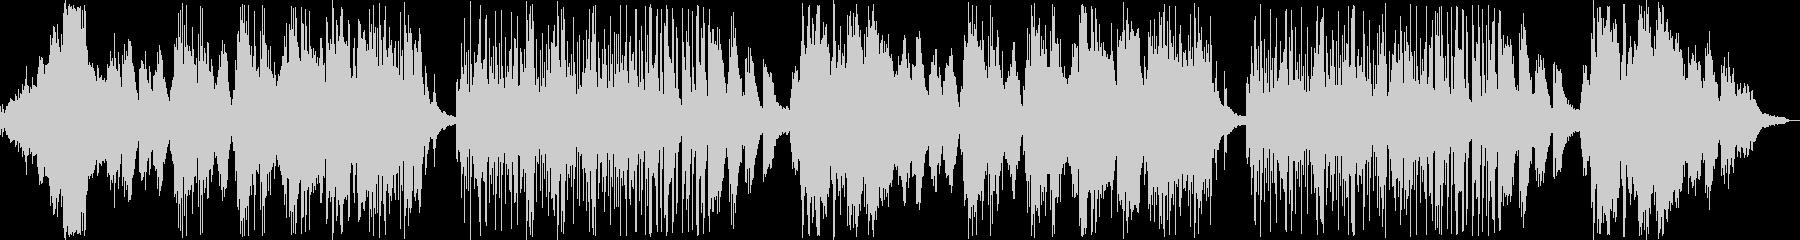 幻想的なメロディのバラードの未再生の波形